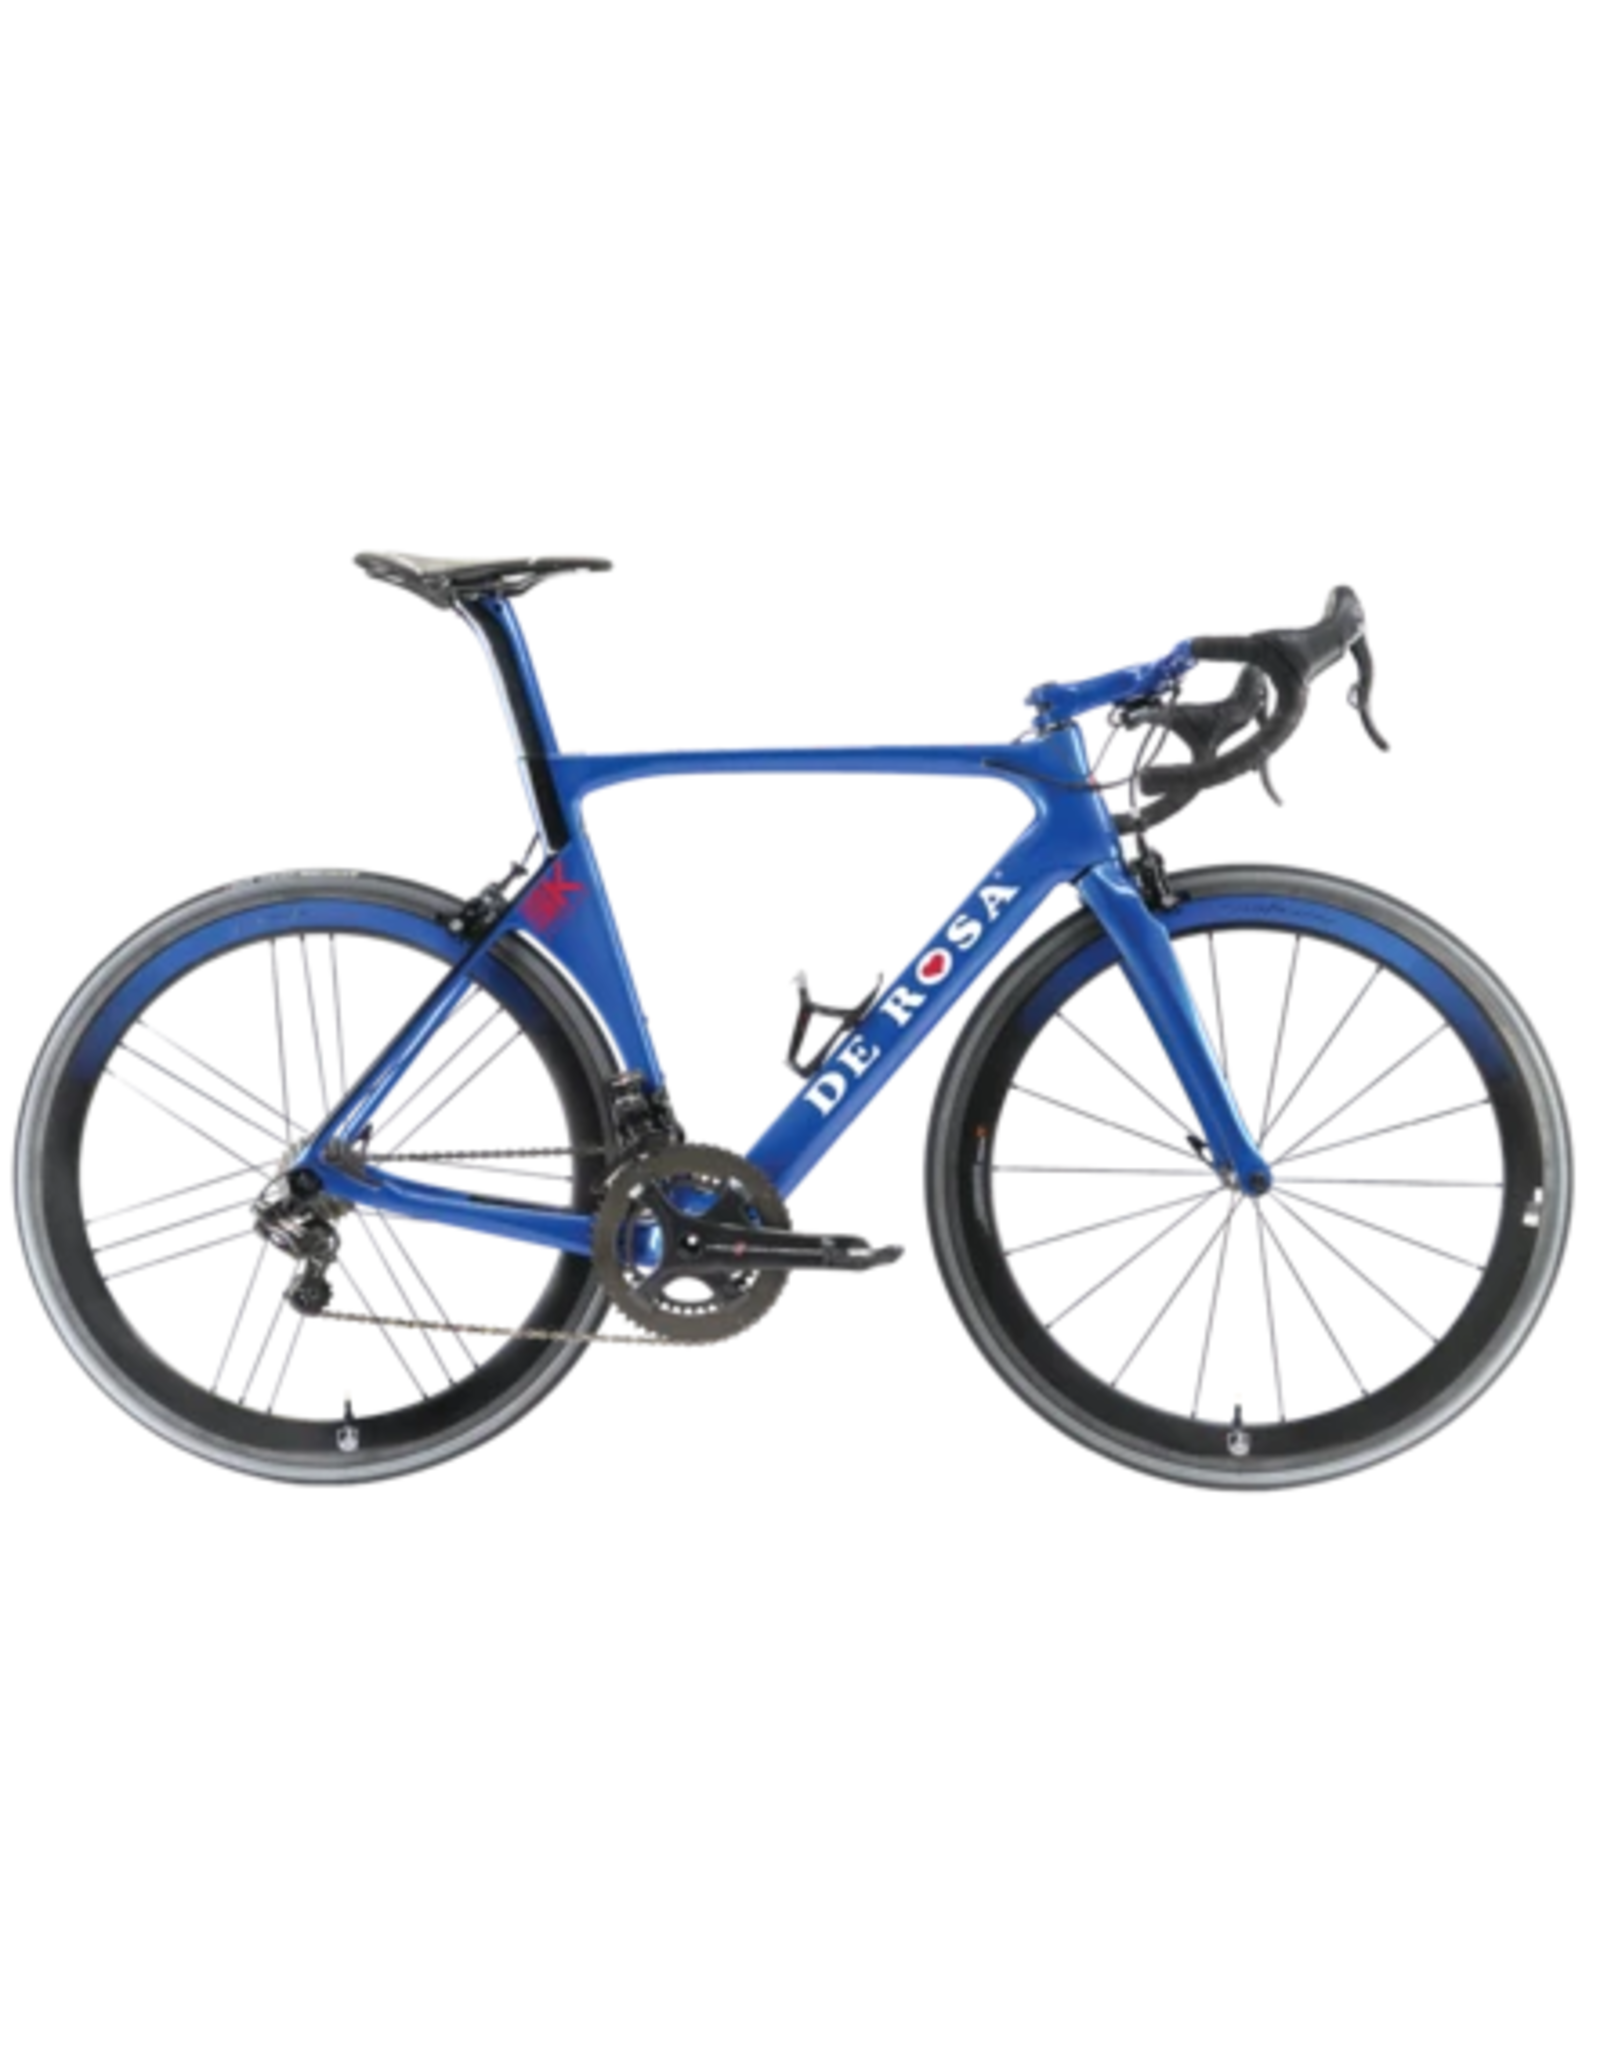 DeRosa 2018 DeRosa SK Ultegra bleu 54cm